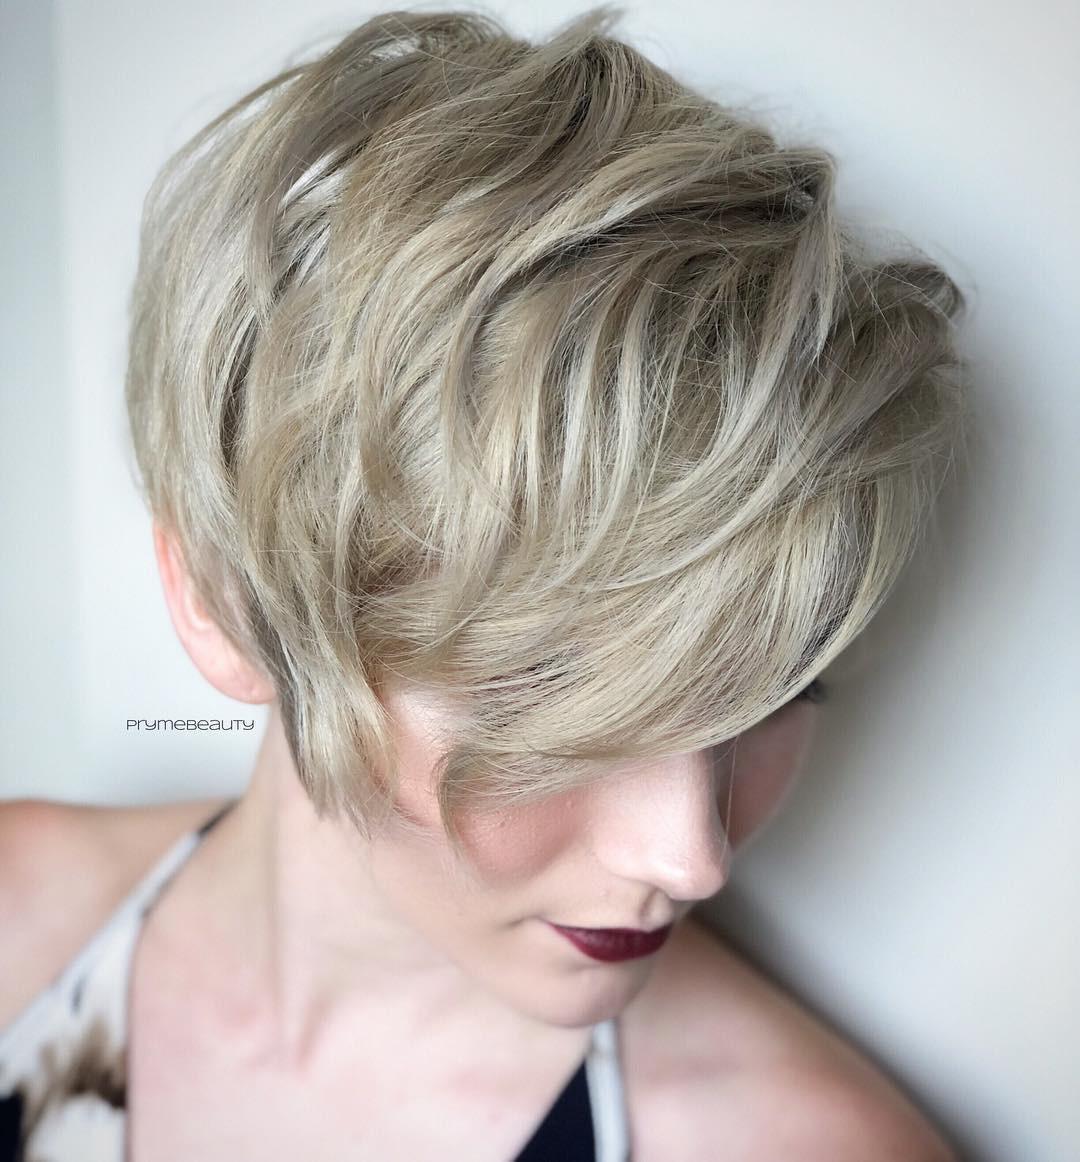 Asymmetrische Frisuren 2019  Schick Asymmetrische Frisuren 2019 Zum Haarfrisuren